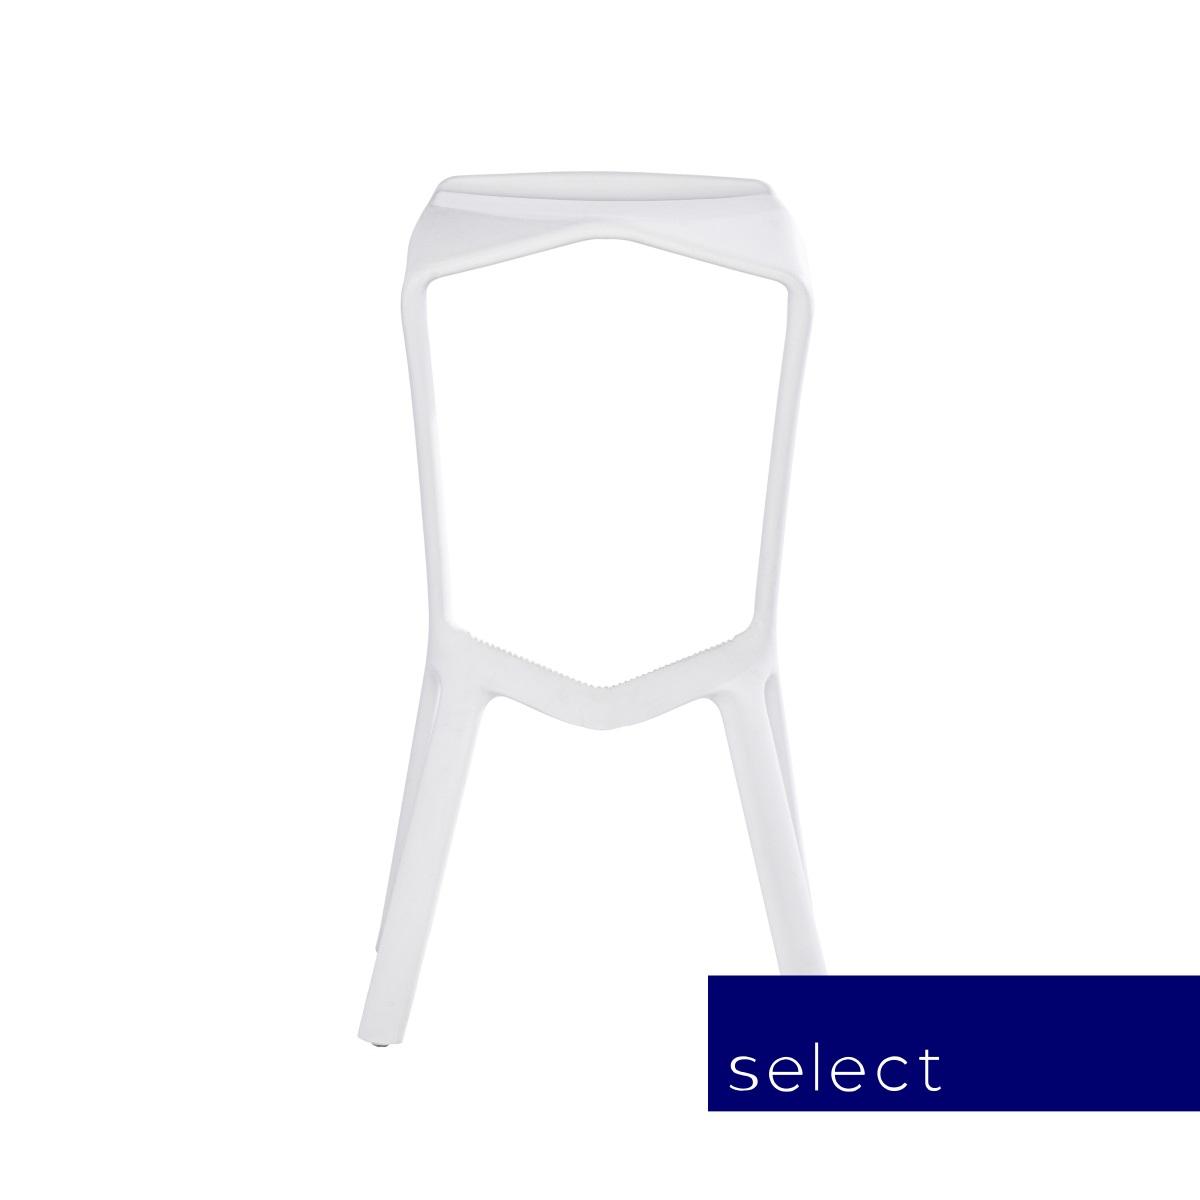 kchenhocker hoch full size of x barhocker klappbar ohne lehne x saskatoon barstuhl mit. Black Bedroom Furniture Sets. Home Design Ideas